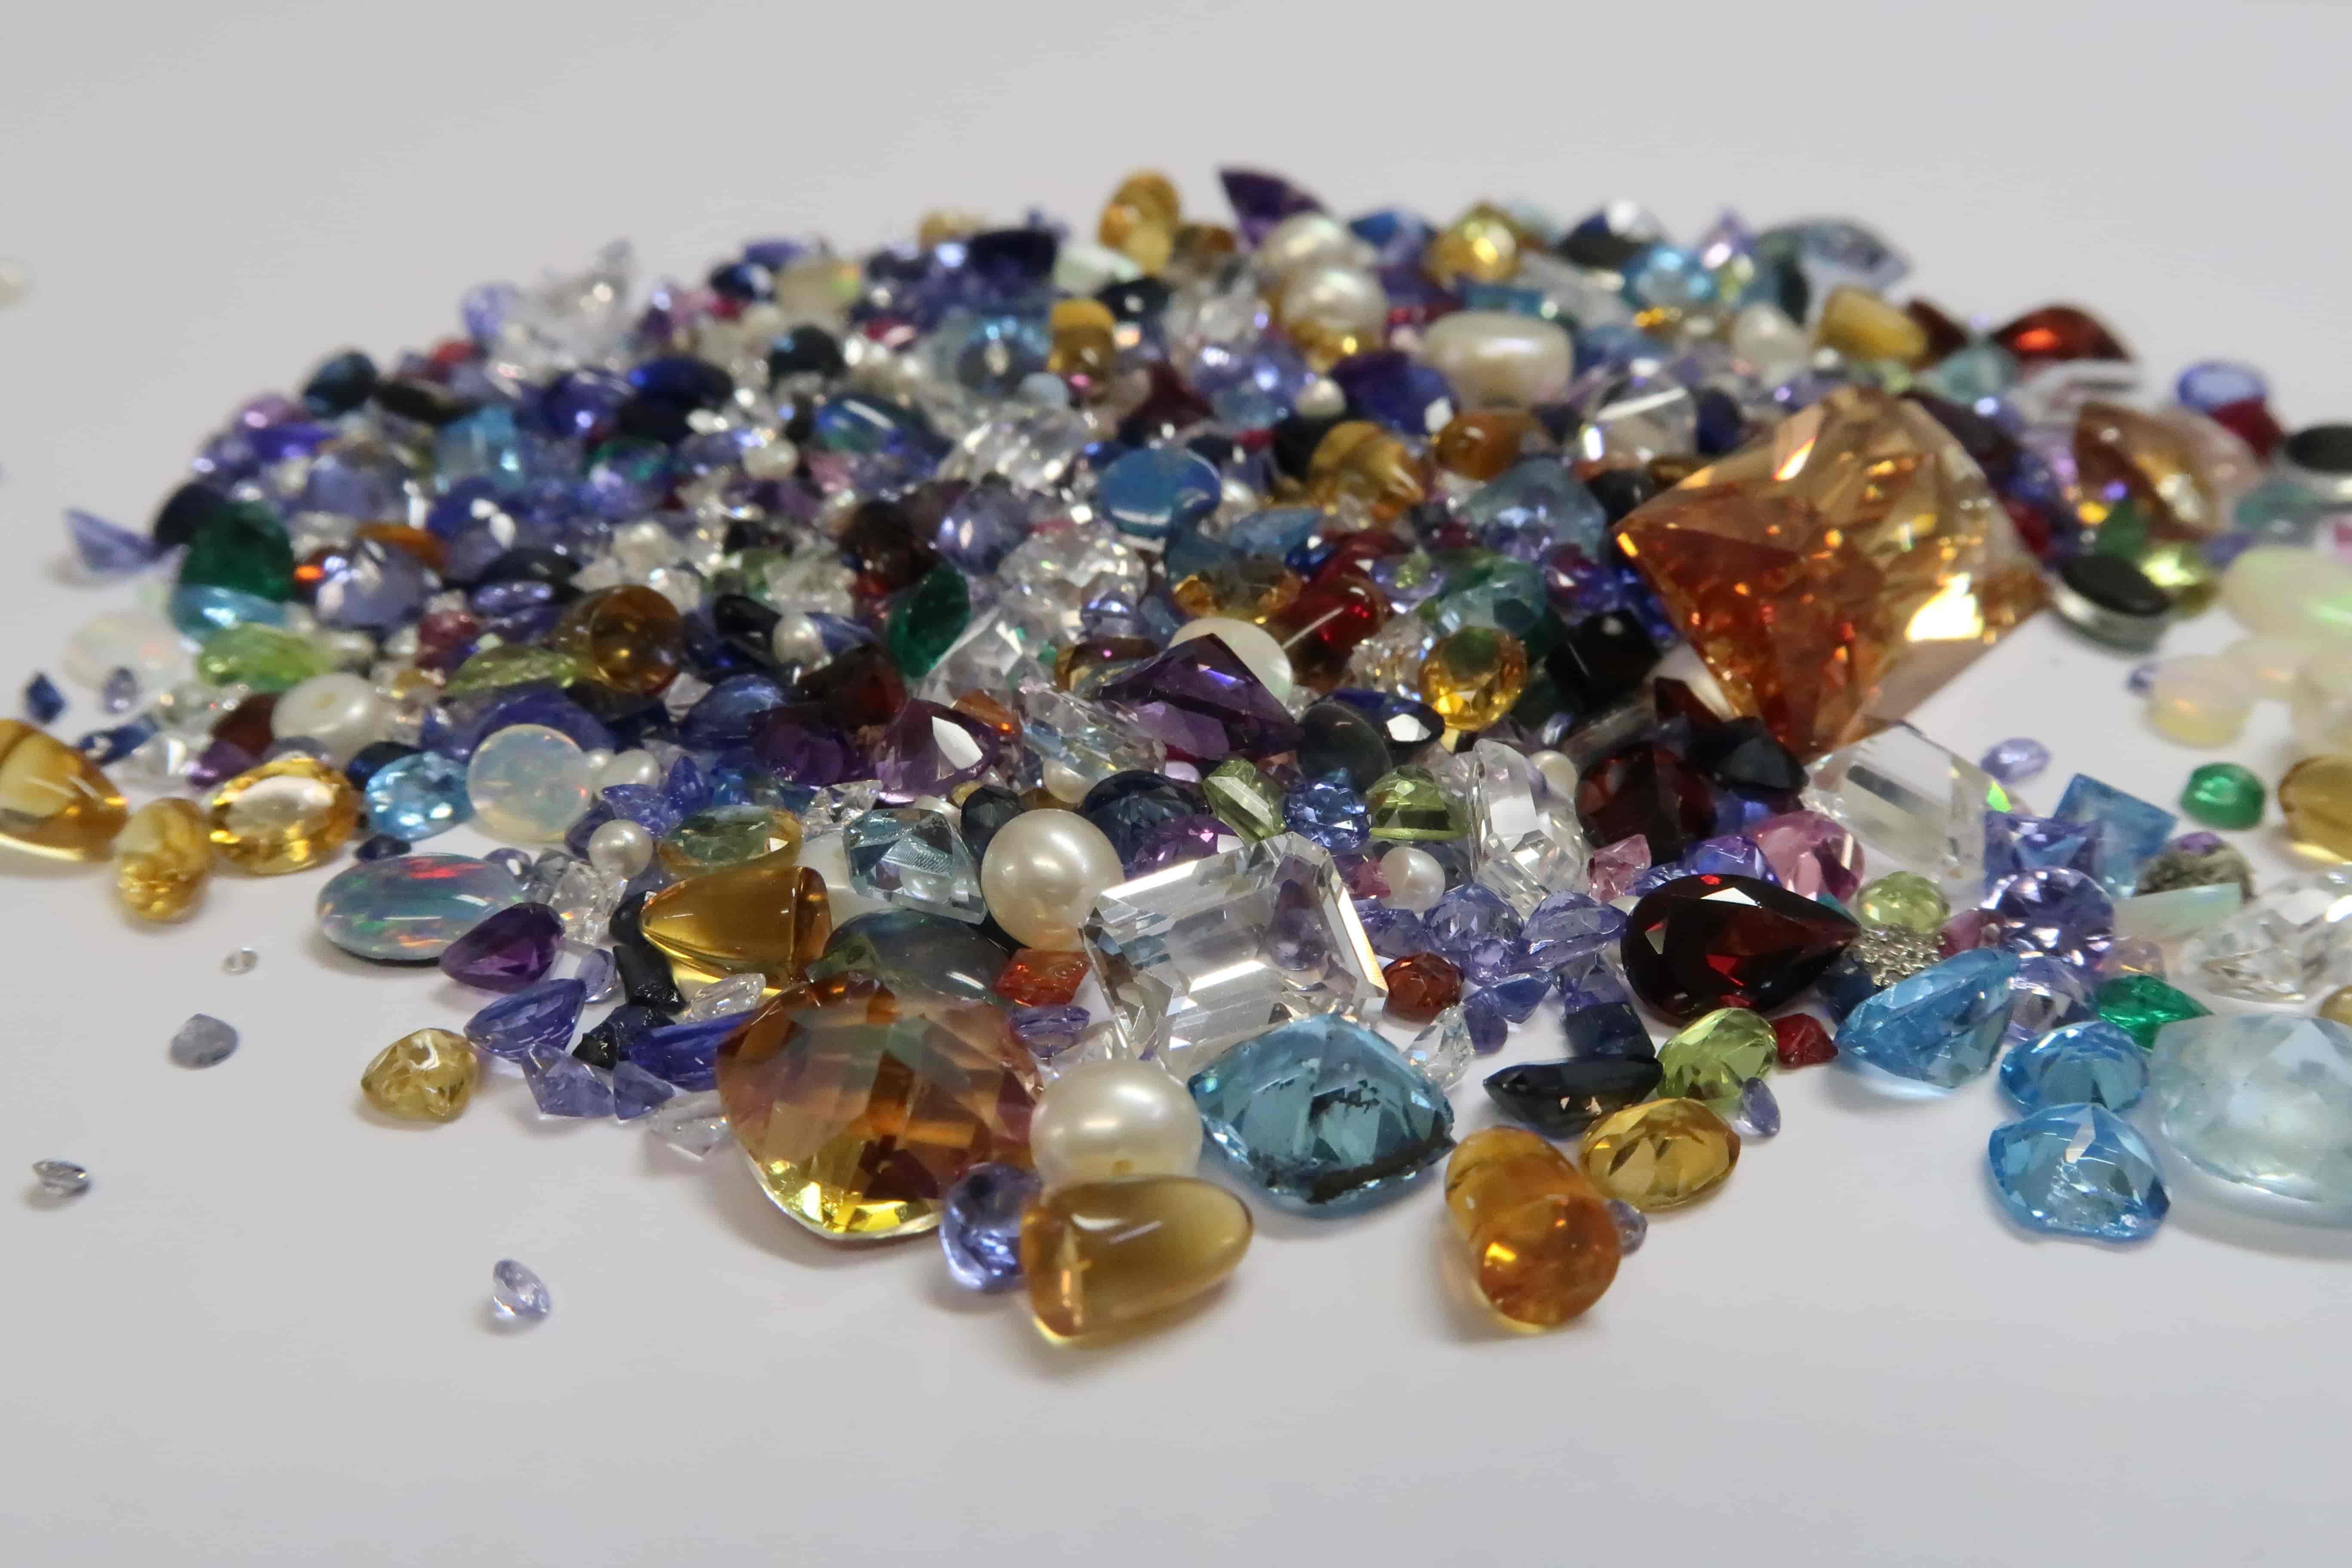 Natuurstenen kralen: een natuurlijke bron van schoonheid